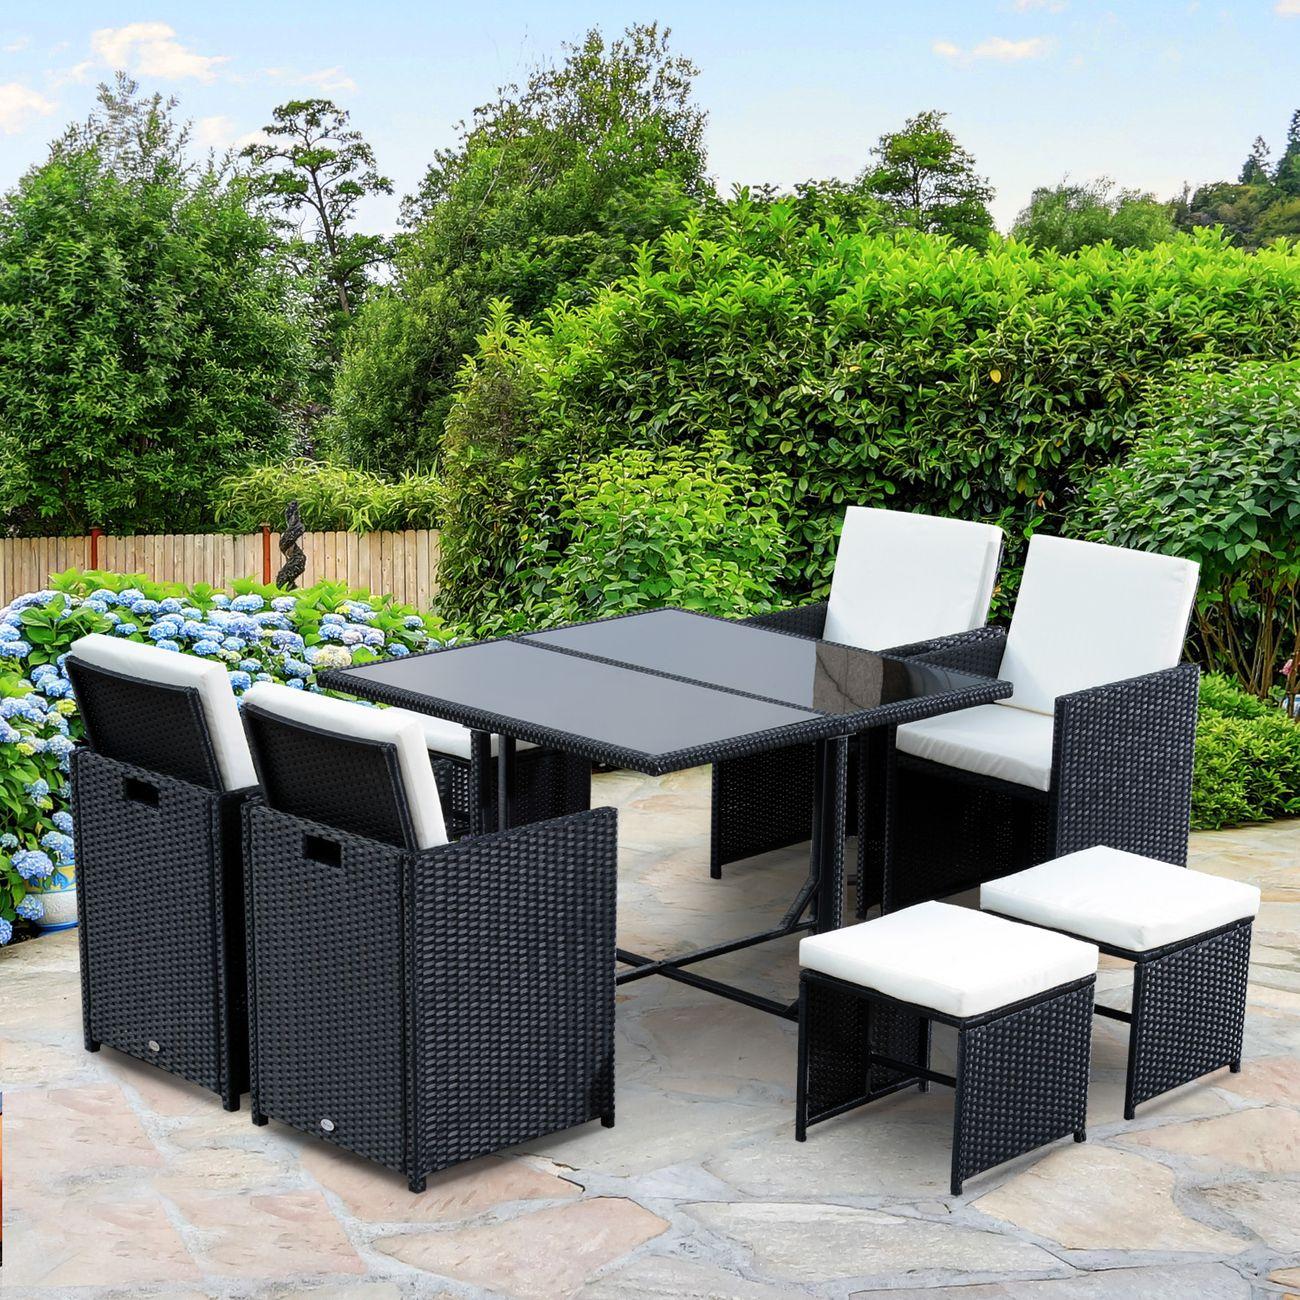 Ensemble salon de jardin encastrable 8 places 4 fauteuils - Salon de jardin encastrable 4 places ...